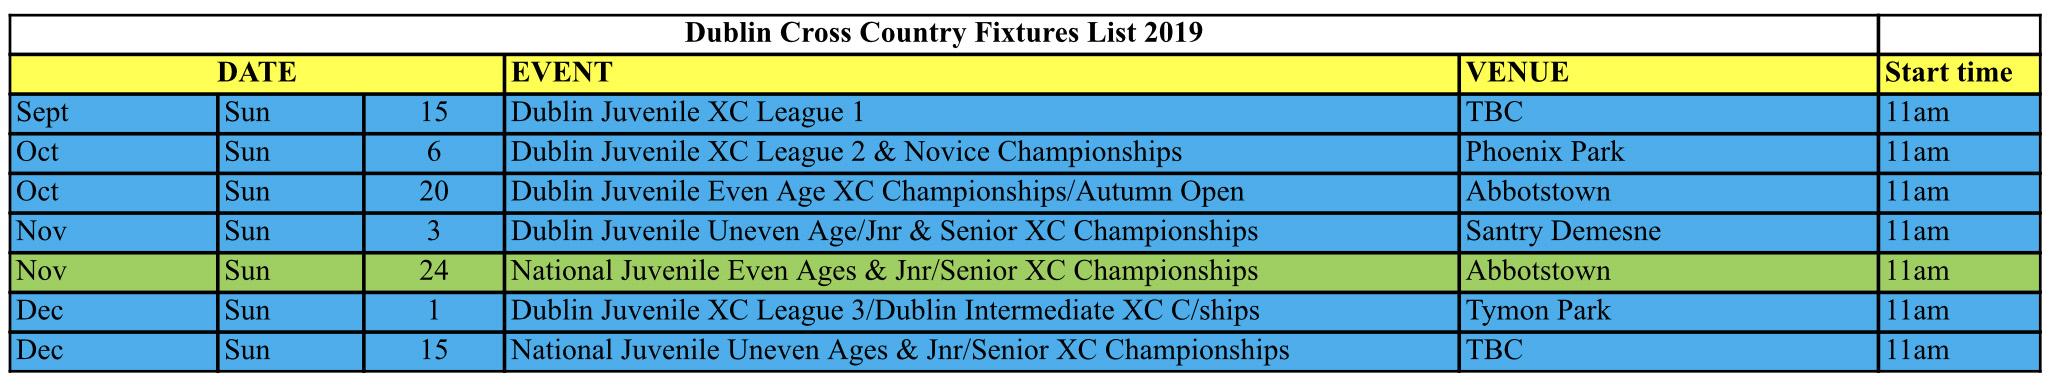 Dub CC fixtures 2019.jpg